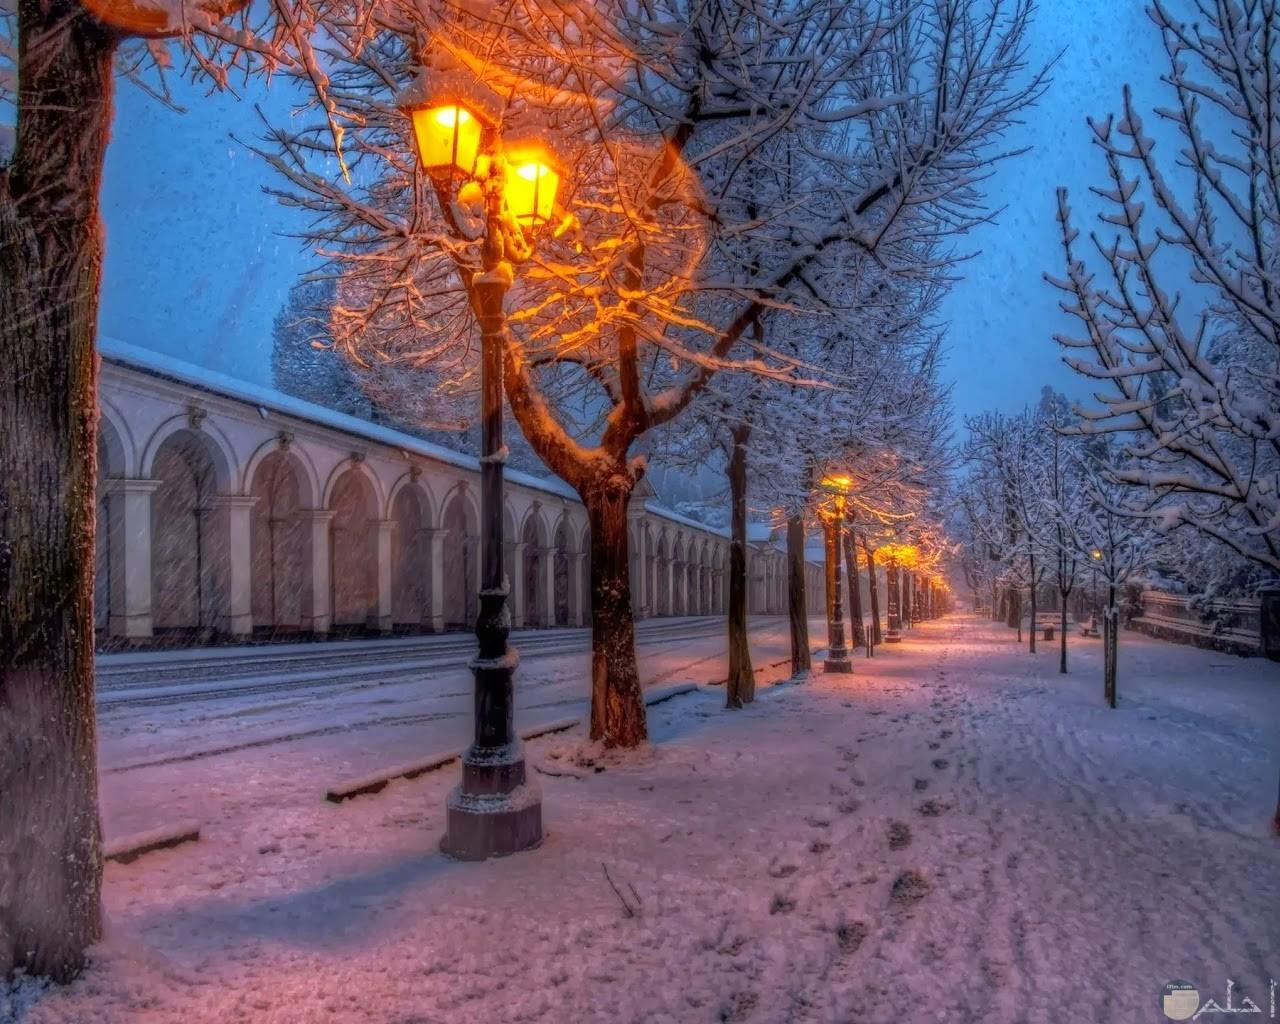 الثلوج تغطي الاشجار والشارع بمنظر رائع